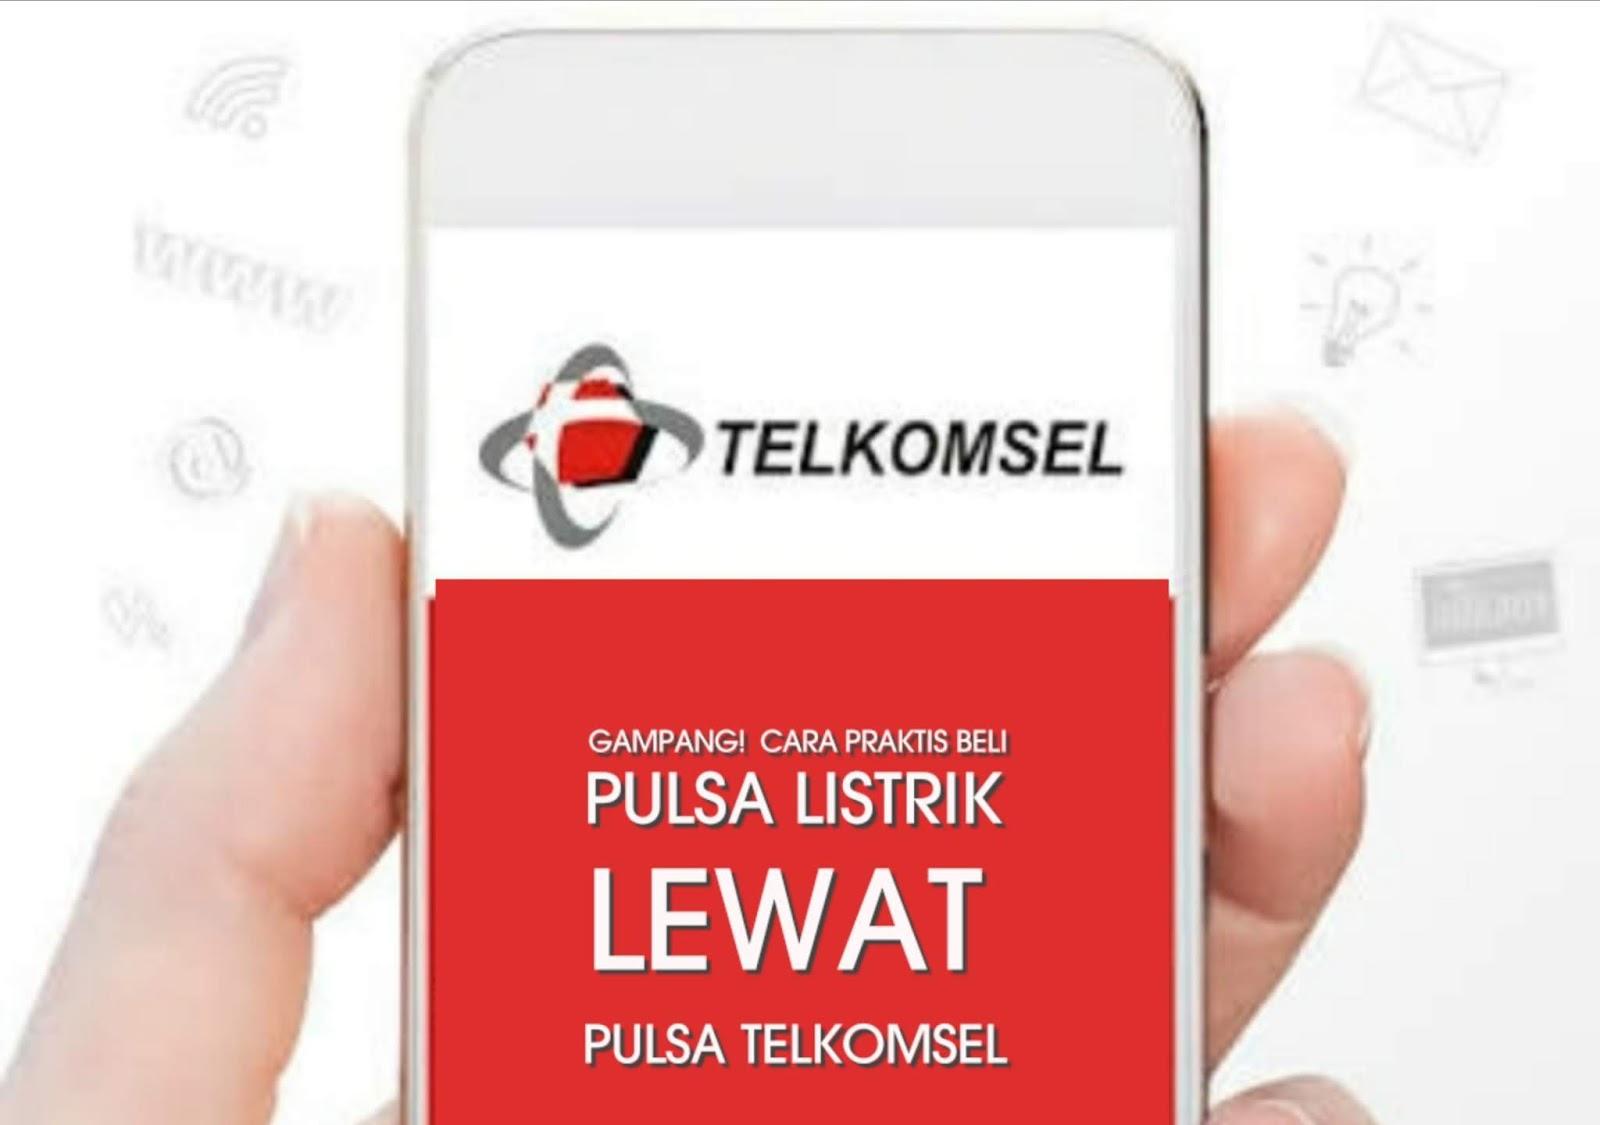 Cara beli pulsa listrik lewat pulsa Telkomsel